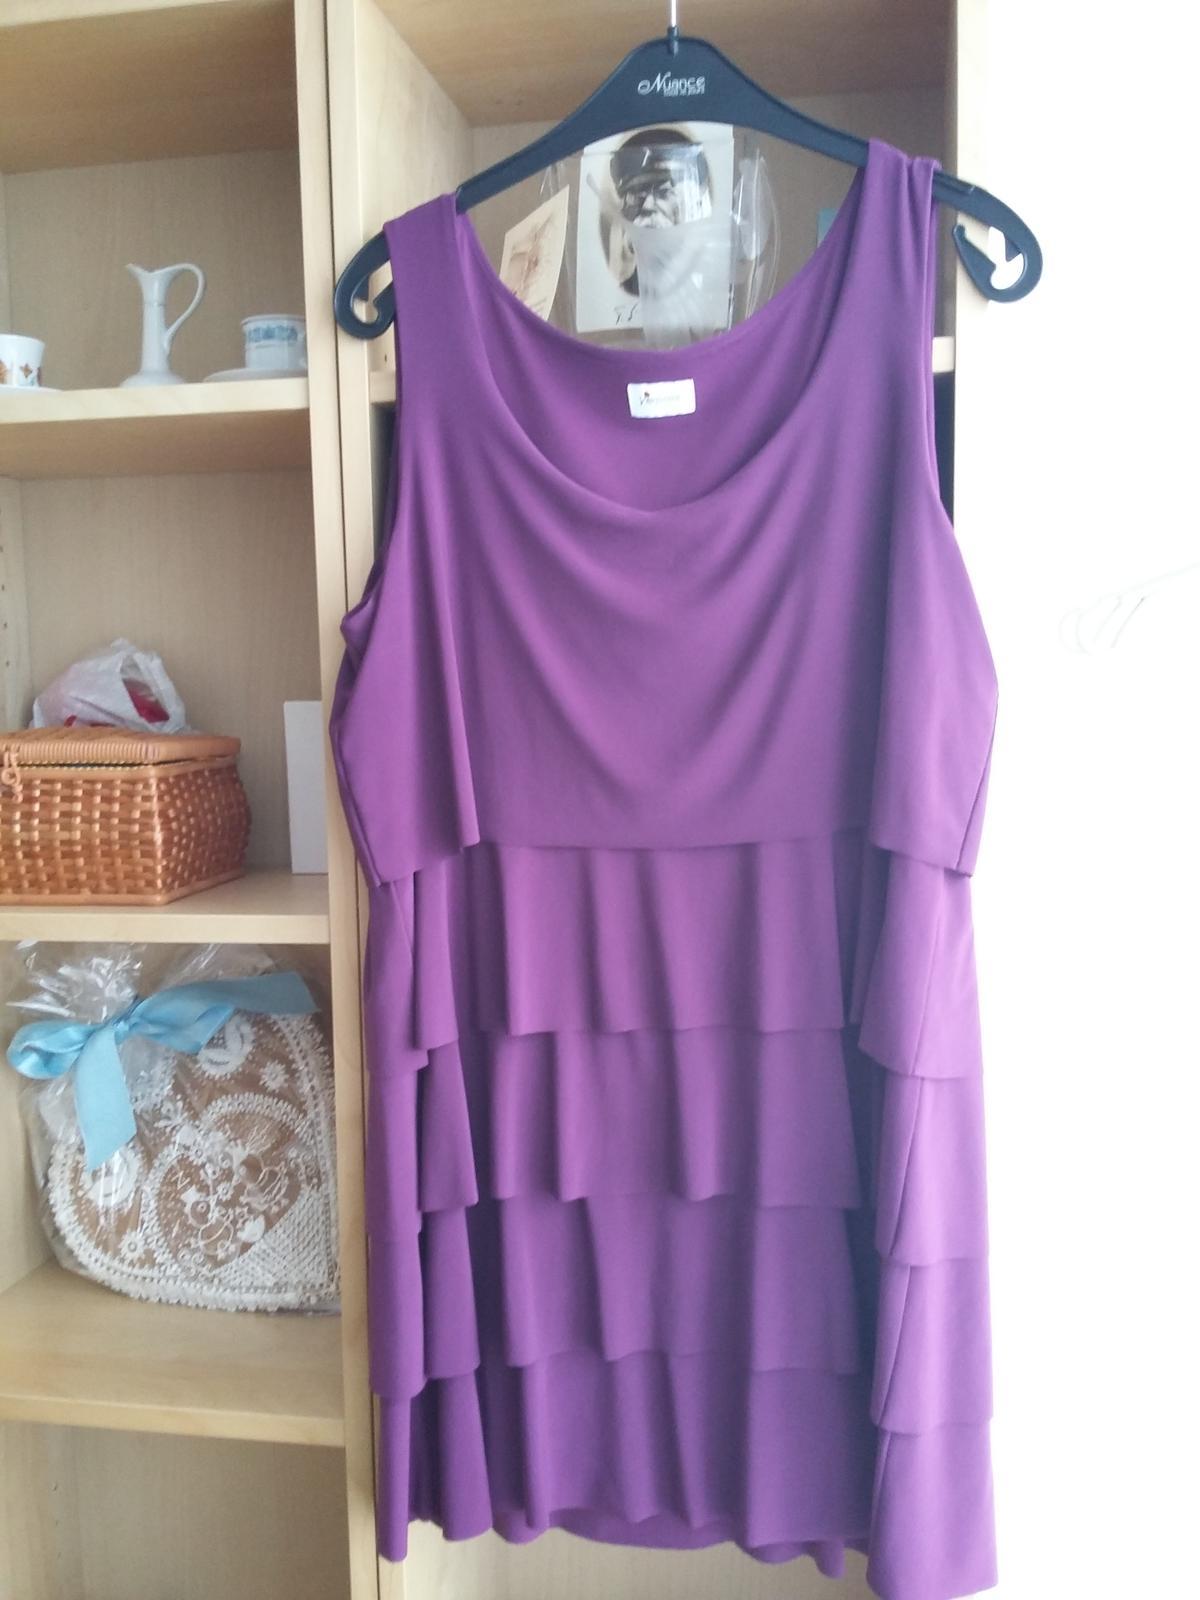 Fialové krátké šaty vel. 42 - Obrázek č. 1